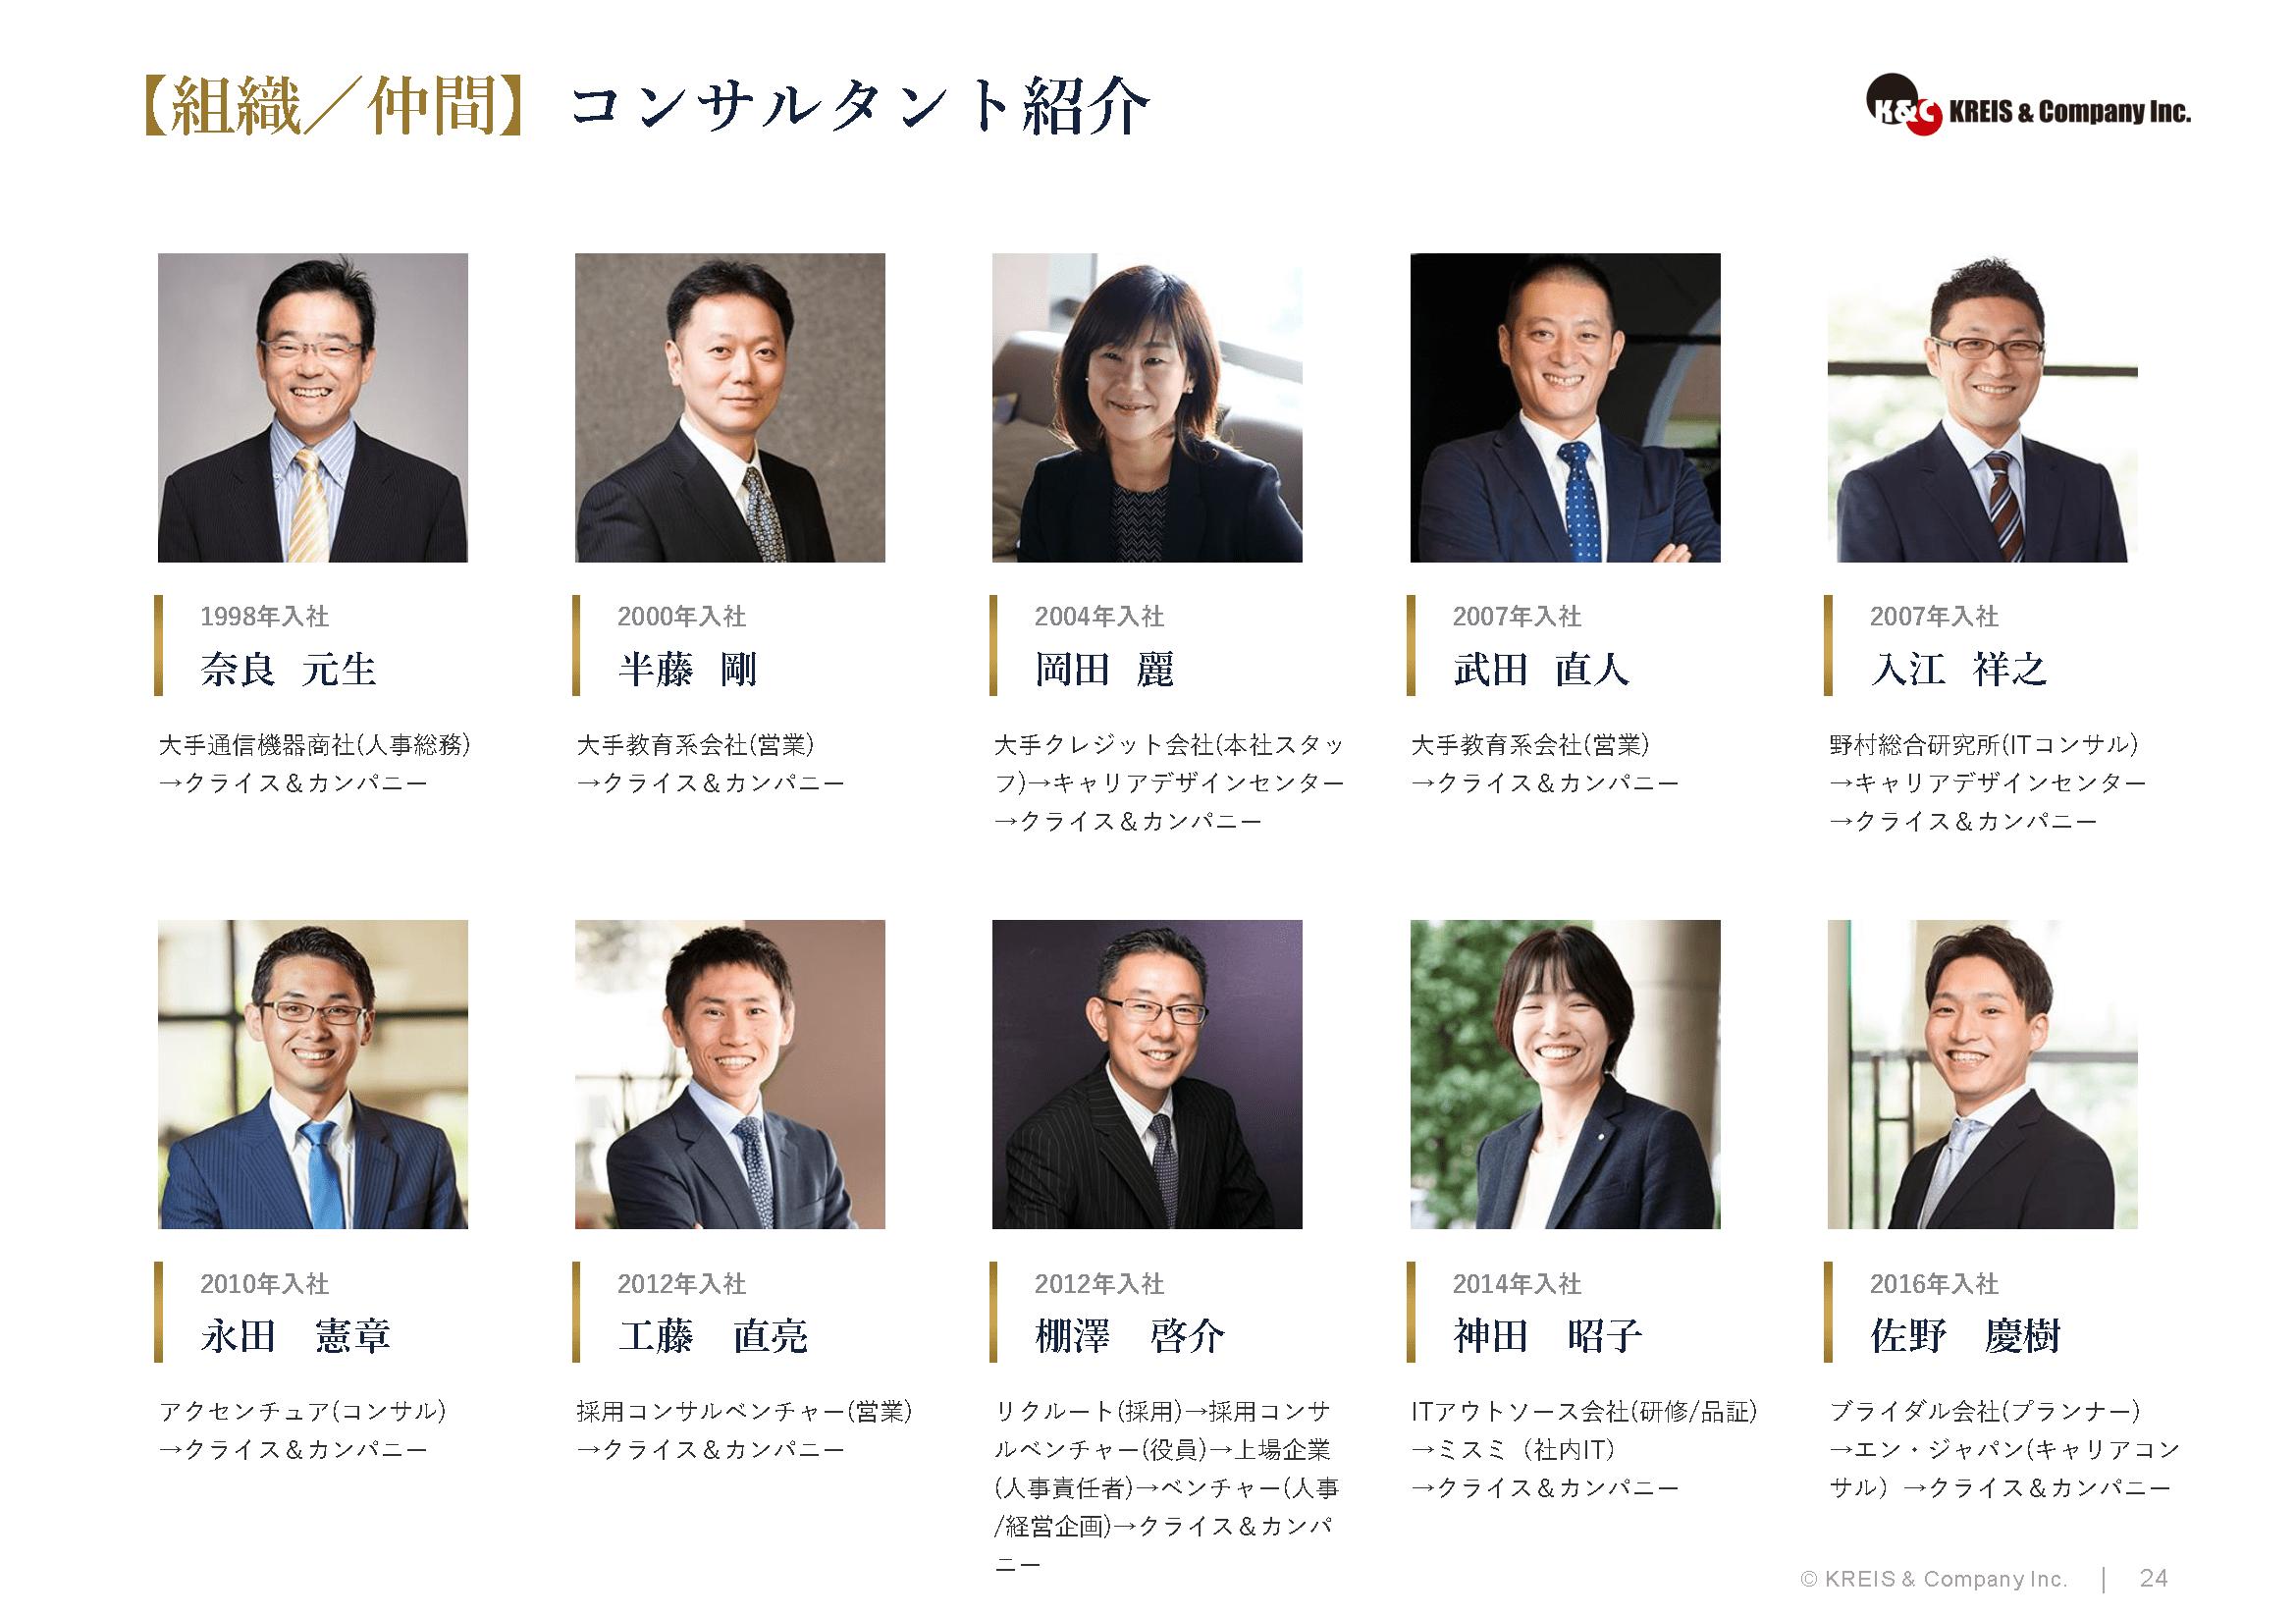 【組織/仲間】コンサルタント紹介